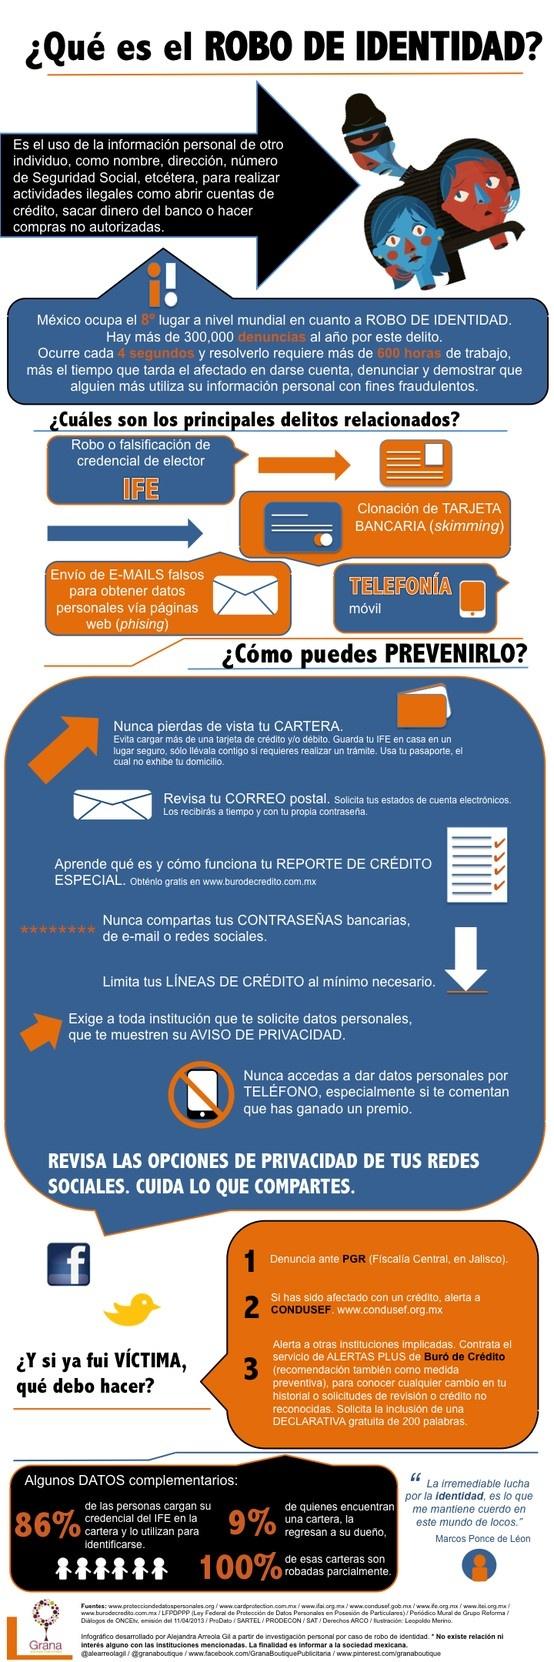 Tras haber sido víctima de un robo de identidad, desarrollé este #infográfico con información útil para prevenirla y responder a ella en México. Es un tema que se encuentra muy relacionado con nuestras actividades en #SocialMedia